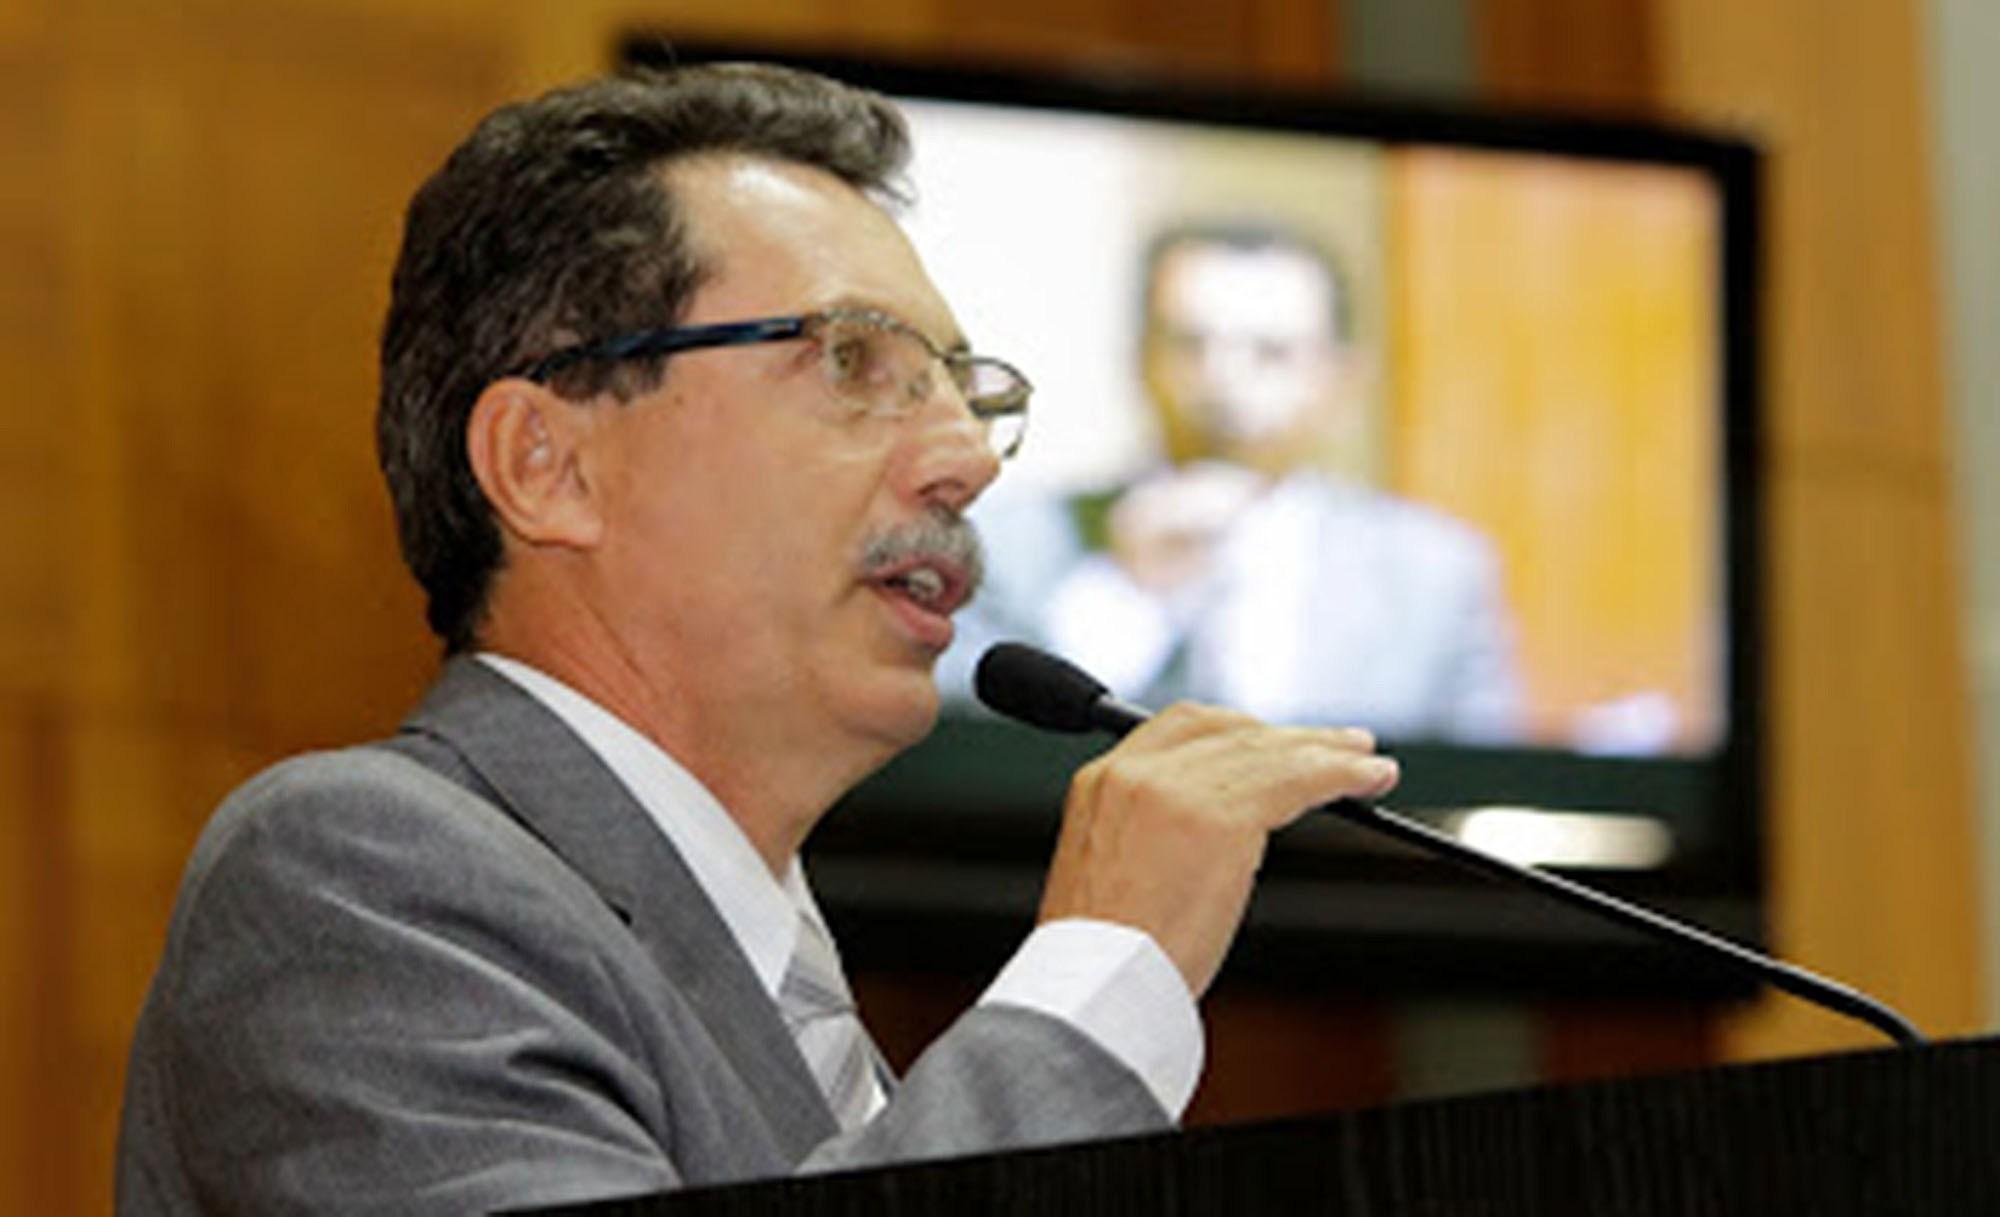 Justiça Eleitoral manda deputado excluir perfil nas redes sociais